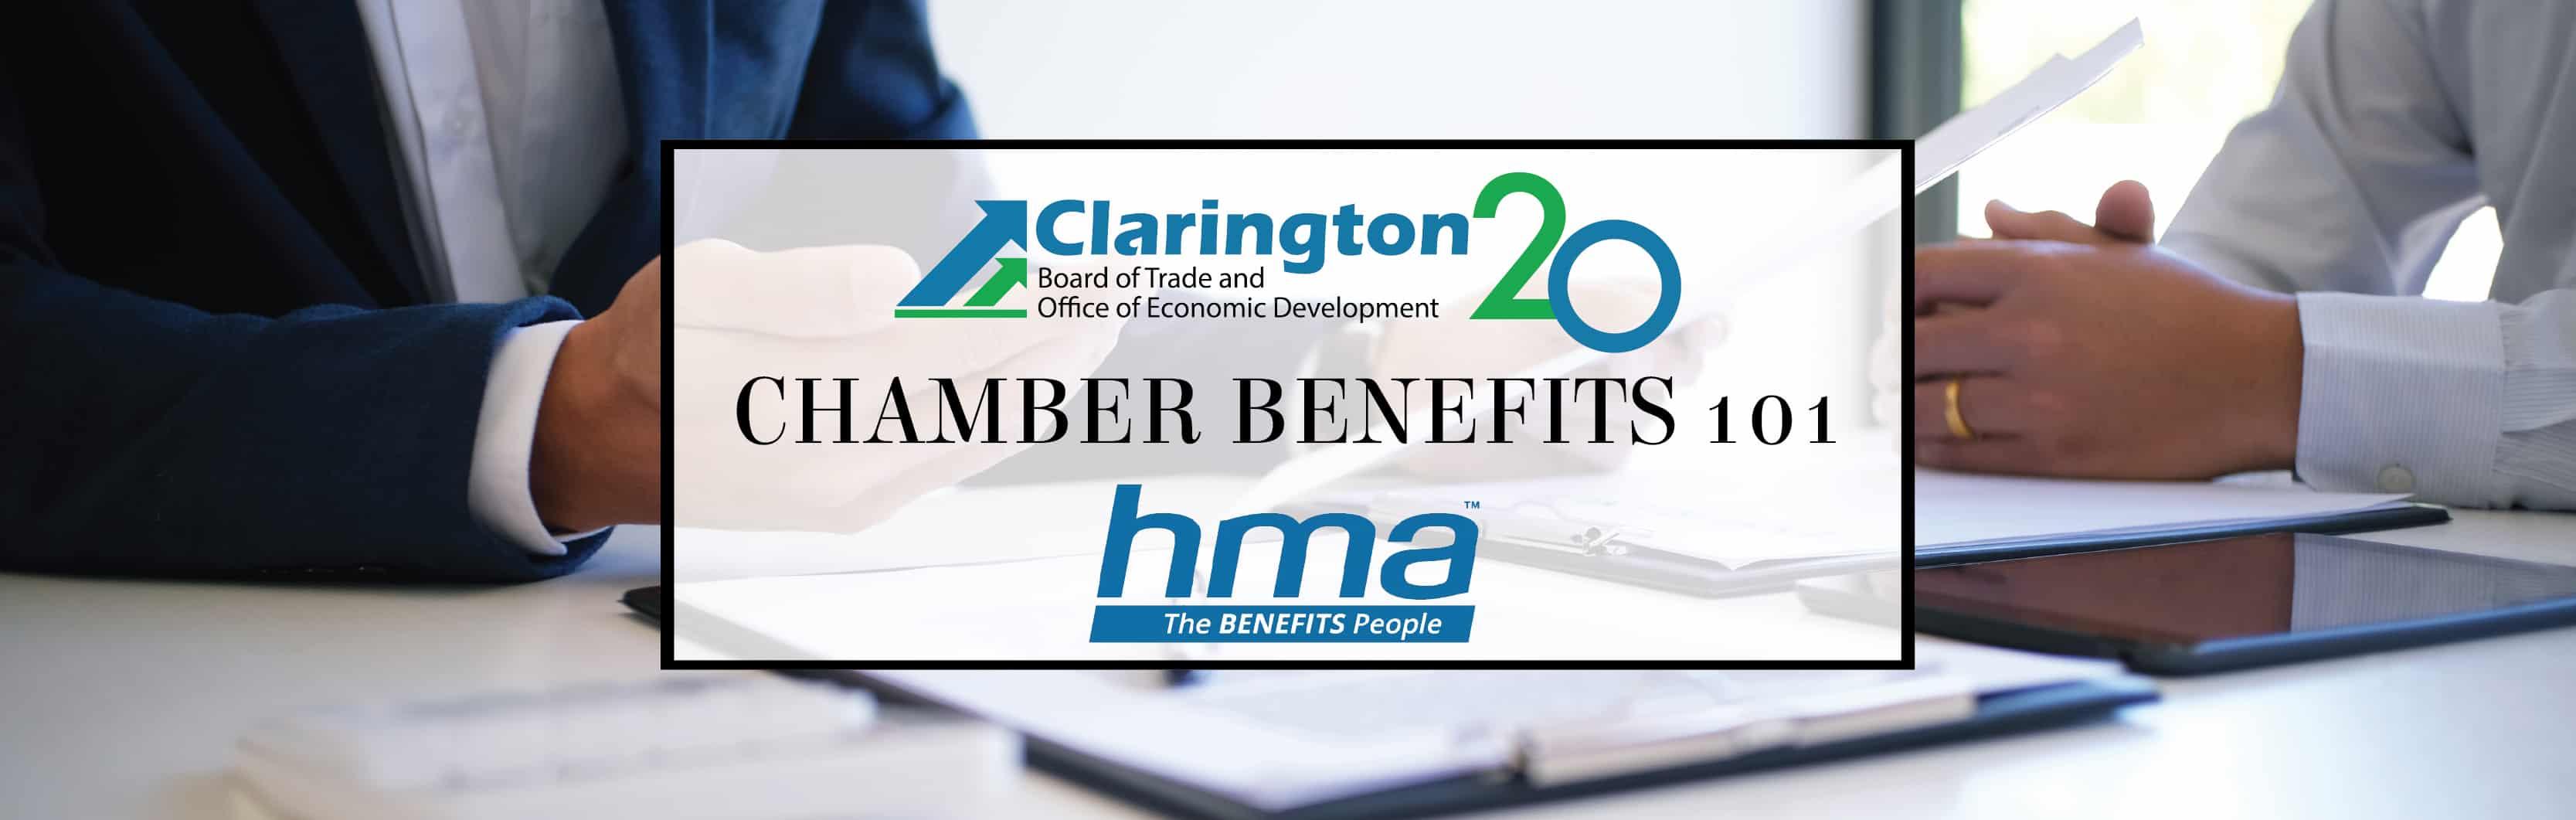 Chamber Benefits 101